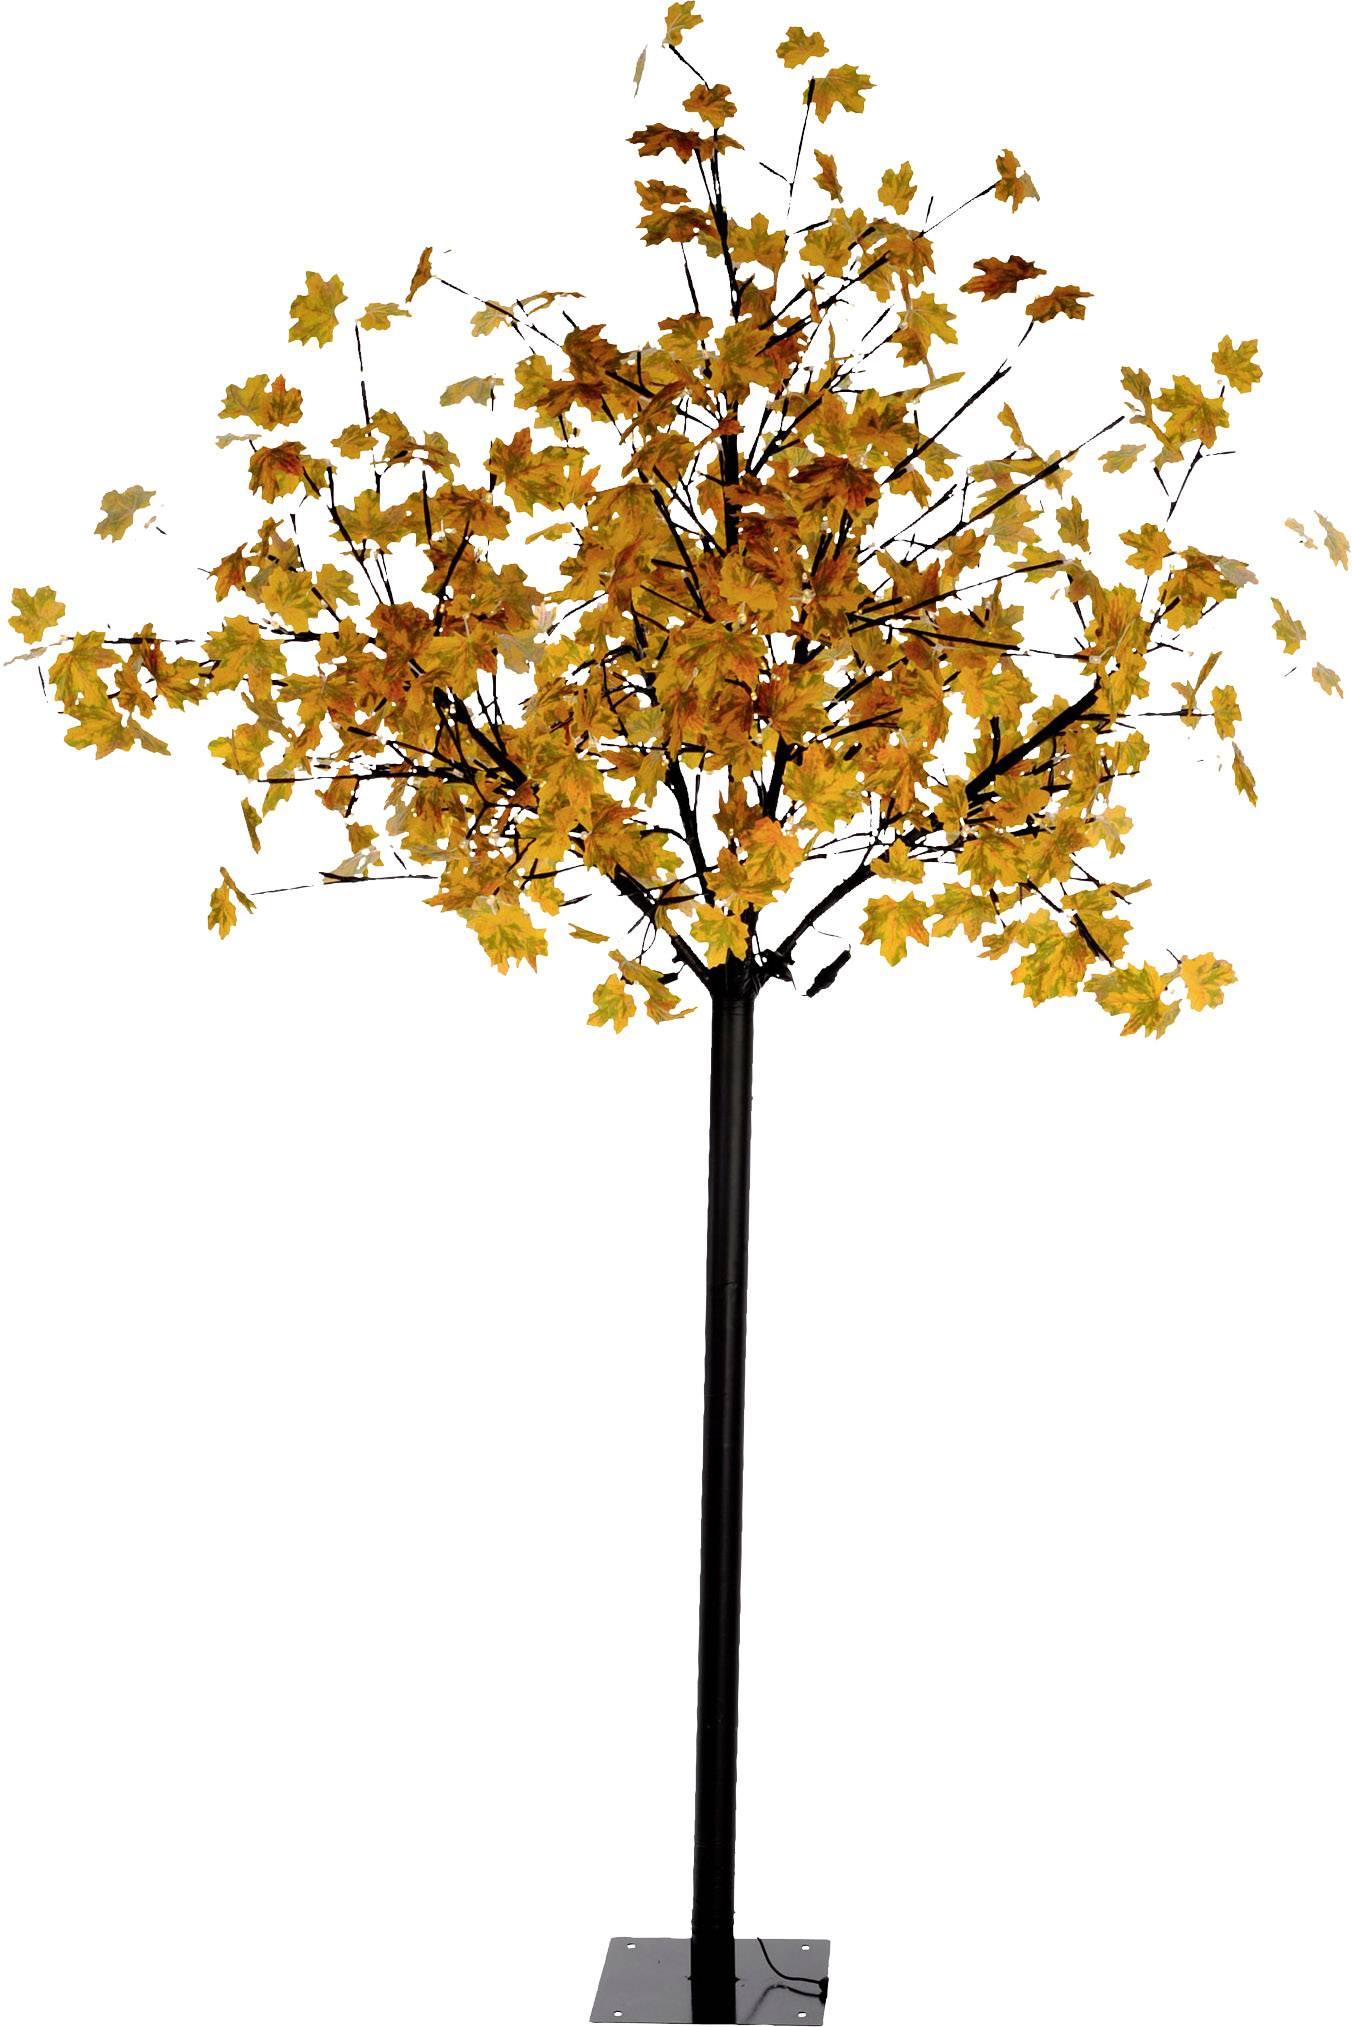 Leuchtendirekt Herbstlaub 86135 18 Außen Dekobeleuchtung Baum Led 135 W Warm Weiß Schwarz